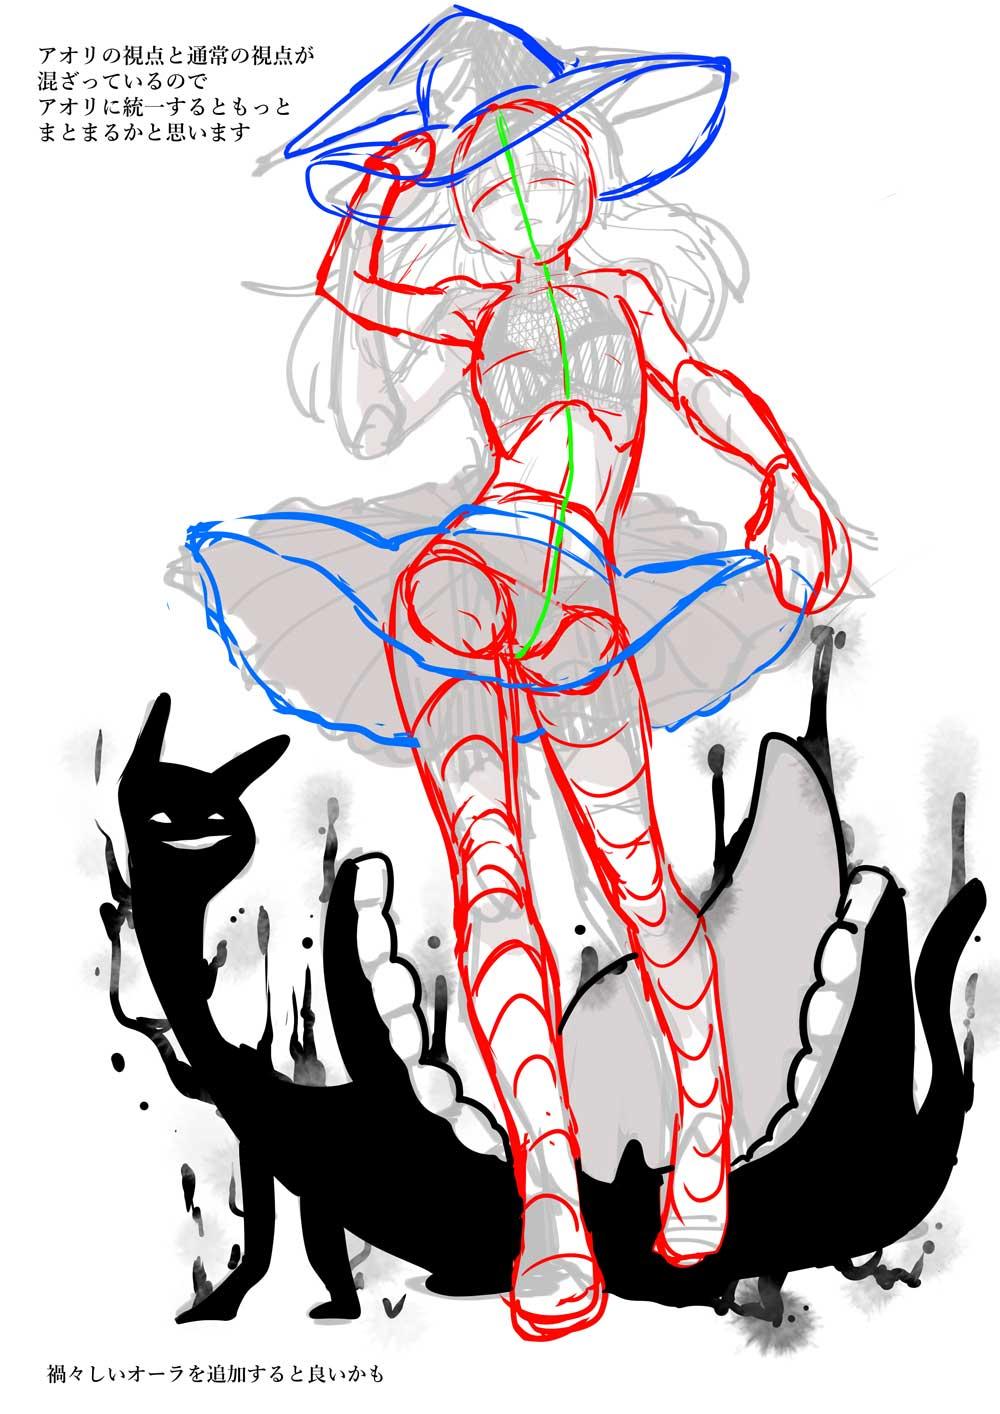 魔女の女の子の添削後